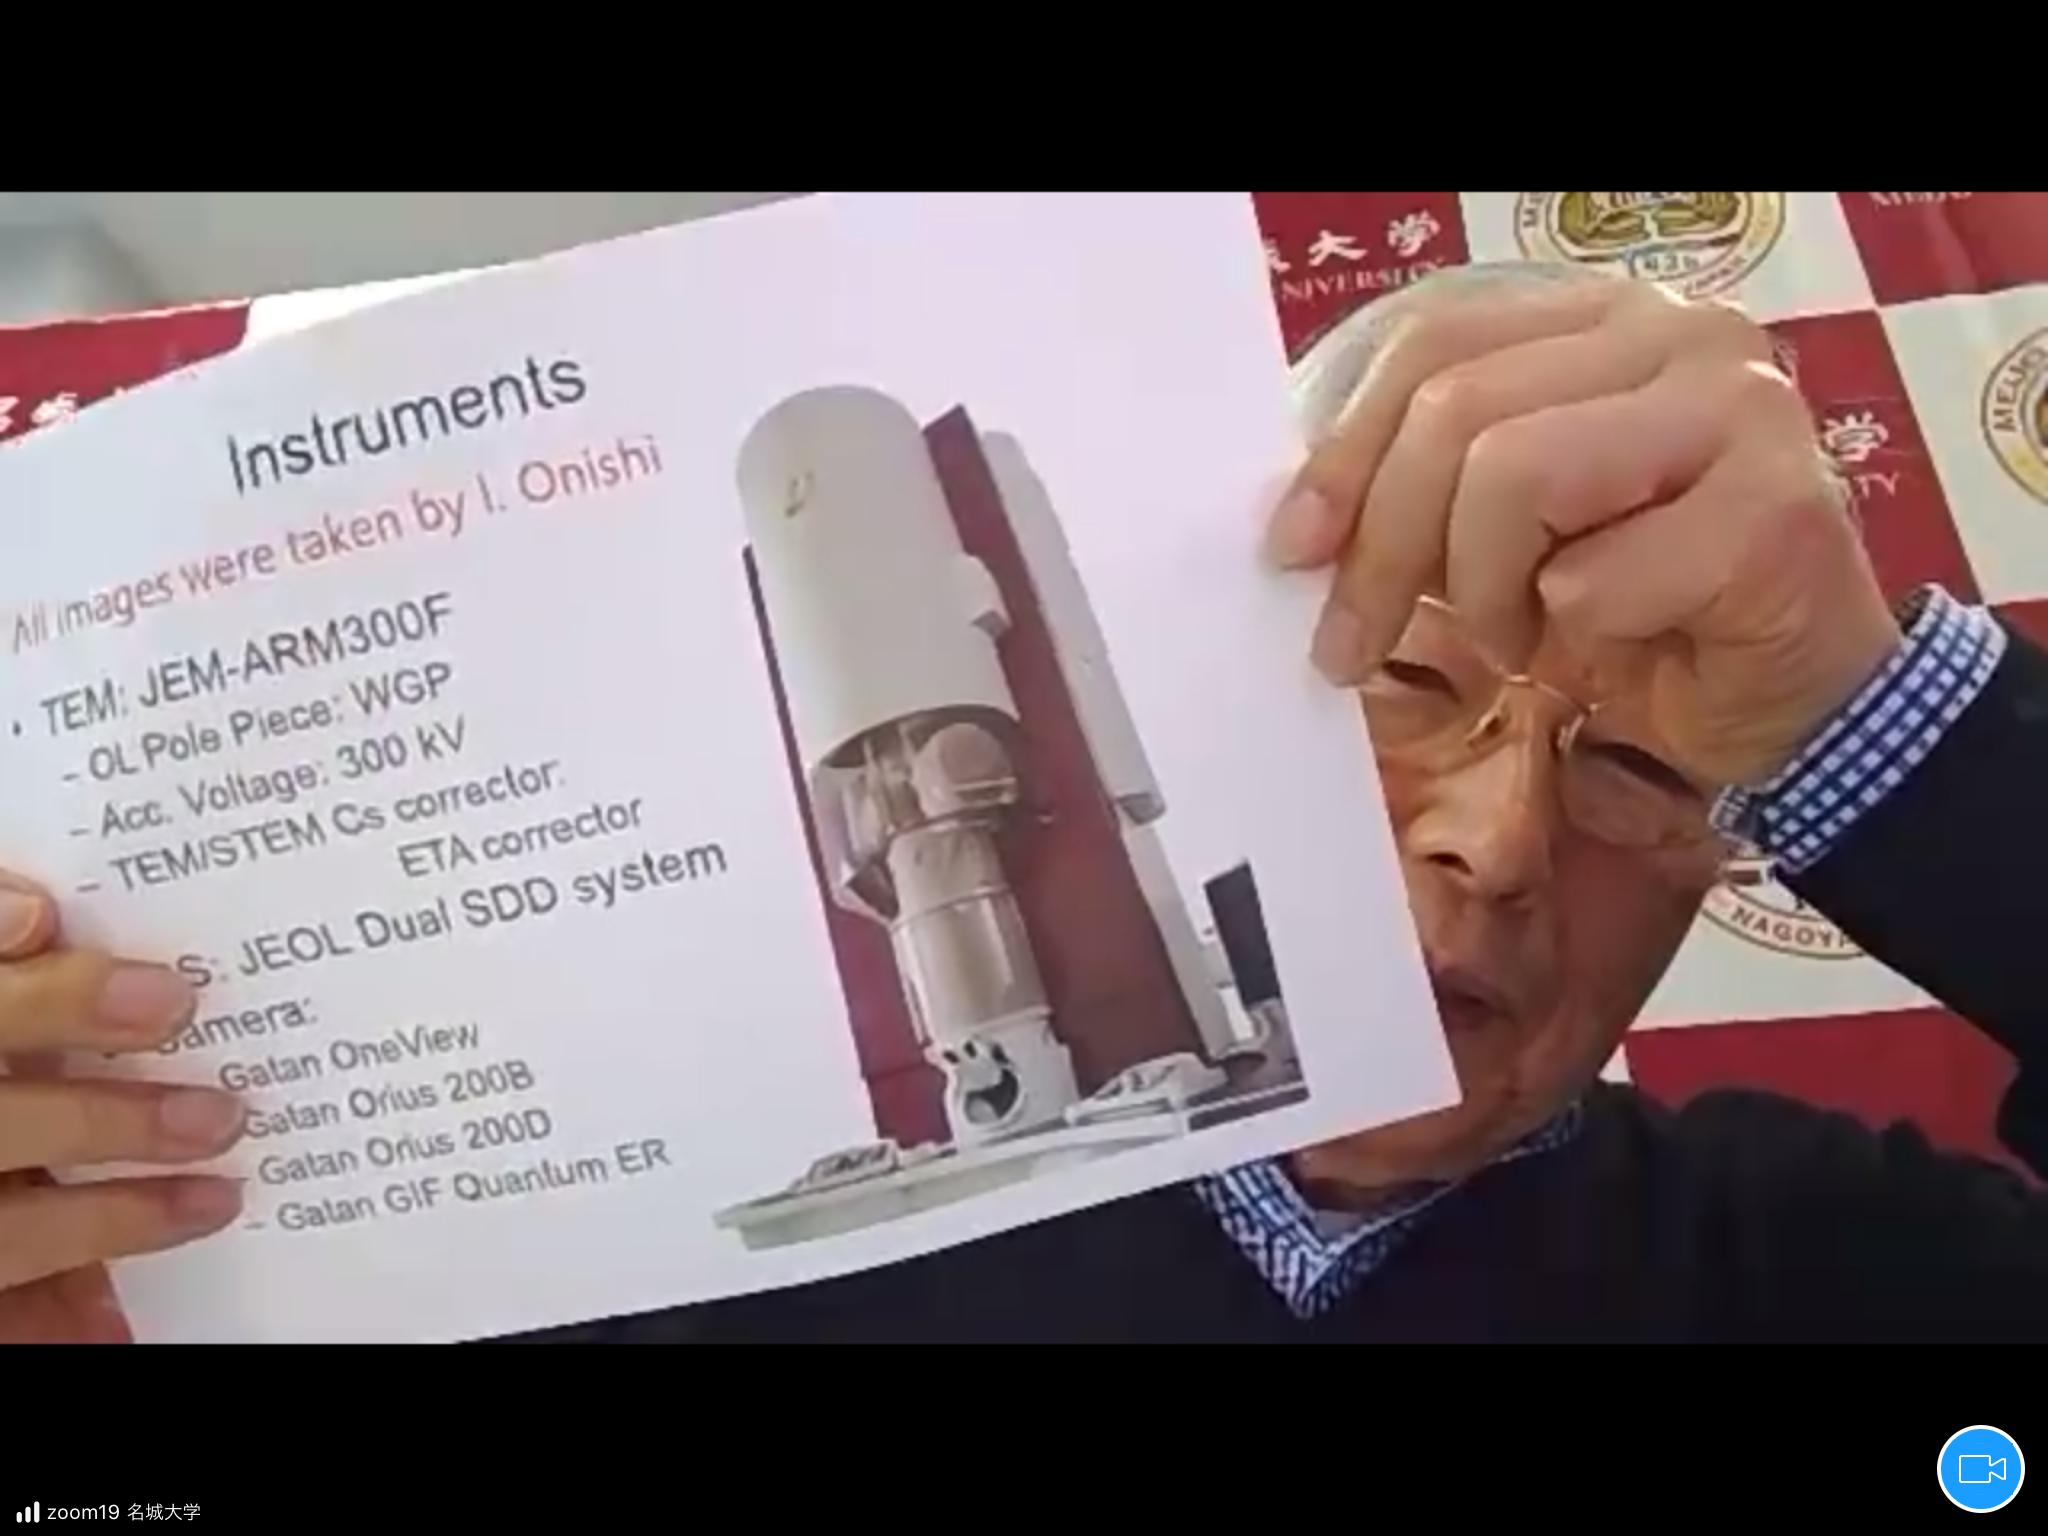 今回の研究に使った特殊な電子顕微鏡を説明する飯島終身教授